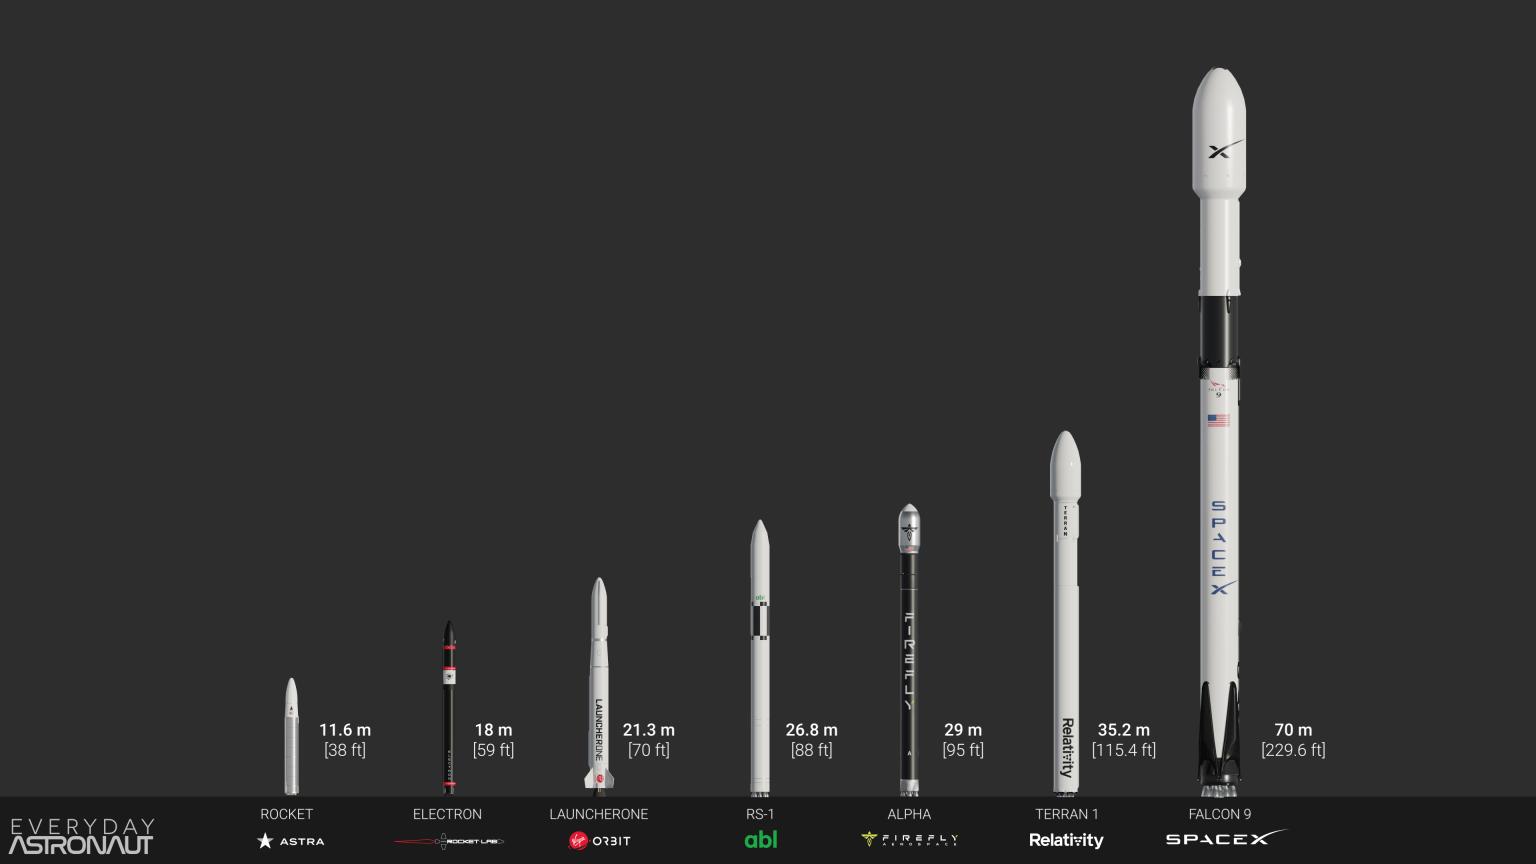 Comparación de alturas de todos los lanzadores de carga liviana y el Falcon 9